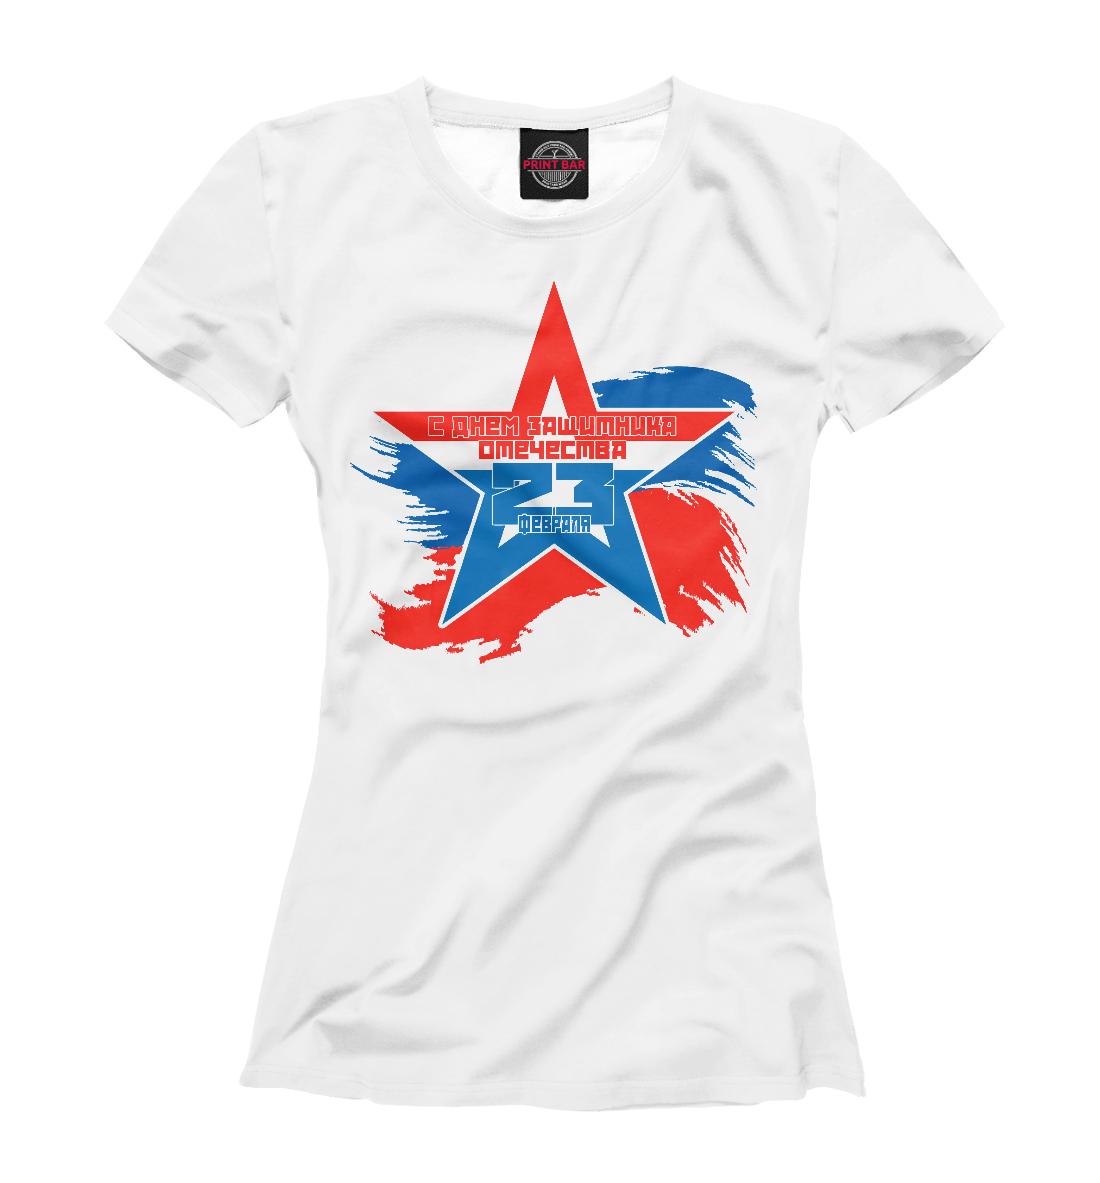 Купить Мужская футболка, Printbar, Футболки, 23F-984668-fut-1